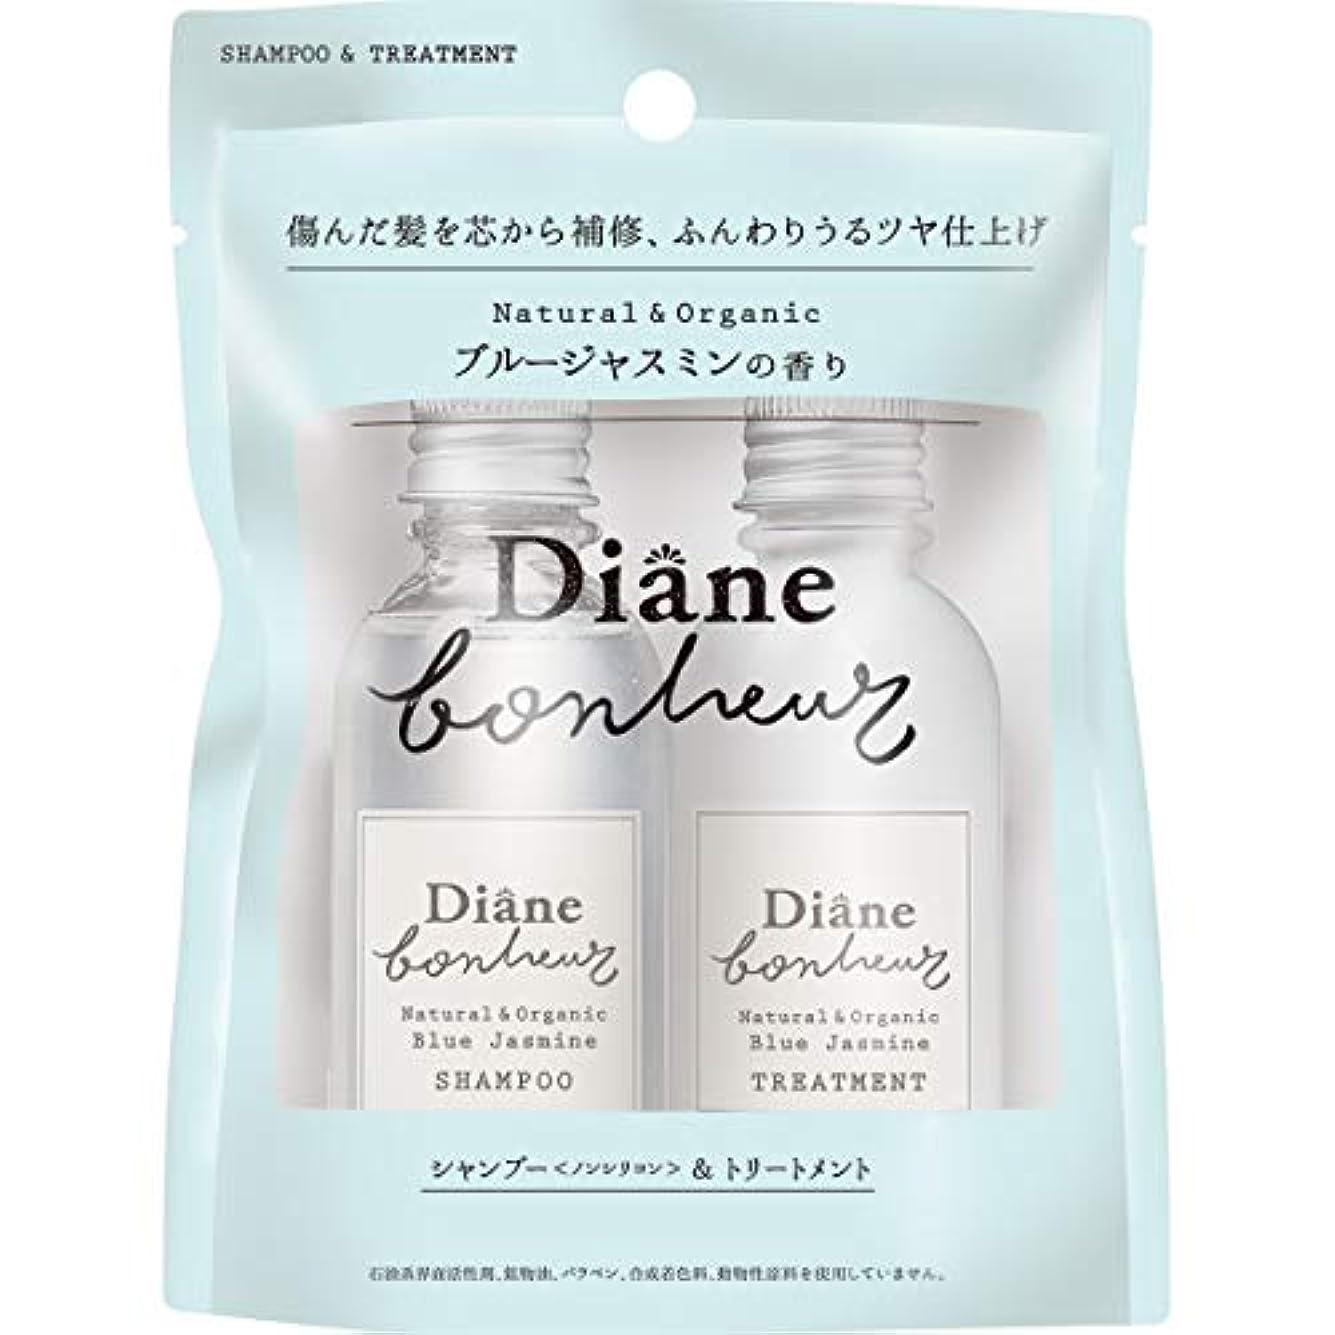 空いているリード退化するダイアン ボヌール ブルージャスミンの香り シャンプー&トリートメント トライアル ダメージリペア&シャイン 40ml×2